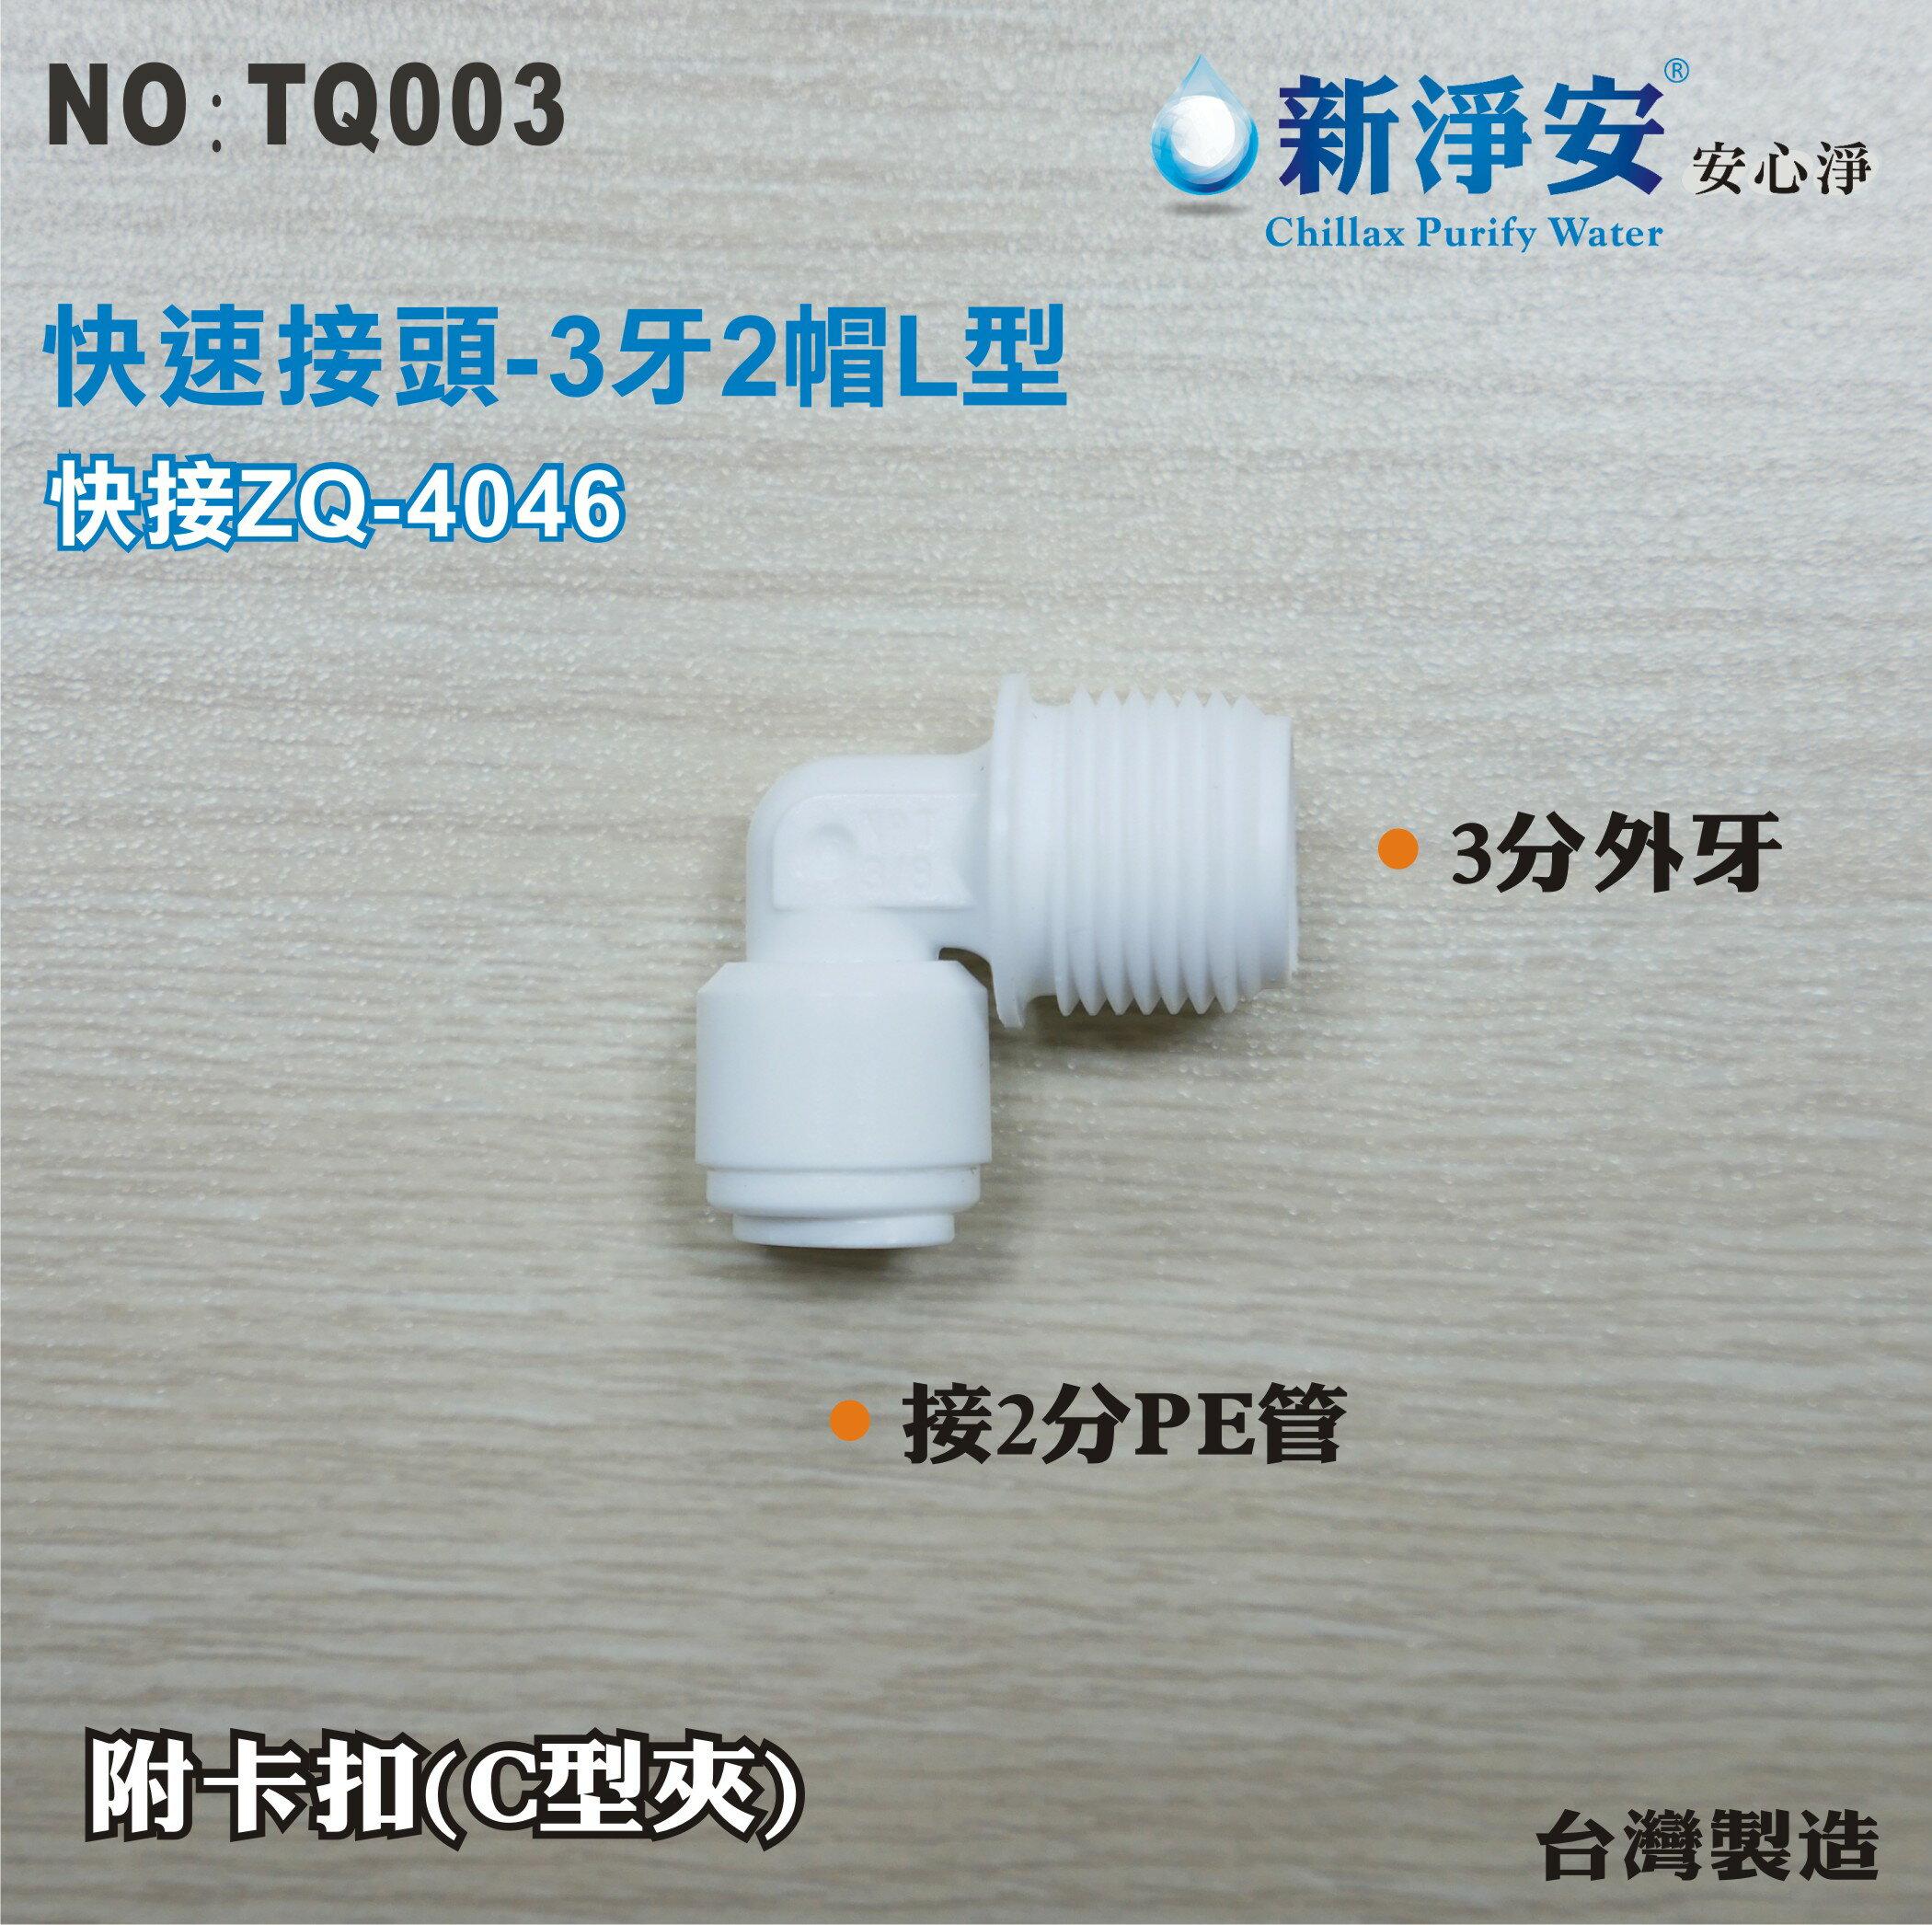 ◆開店慶衝評價◆【新裕淨水】ZQ-4046 塑膠快速接頭 3分牙接2分管L型接頭 3牙2帽L型 淨水器用(TQ003)